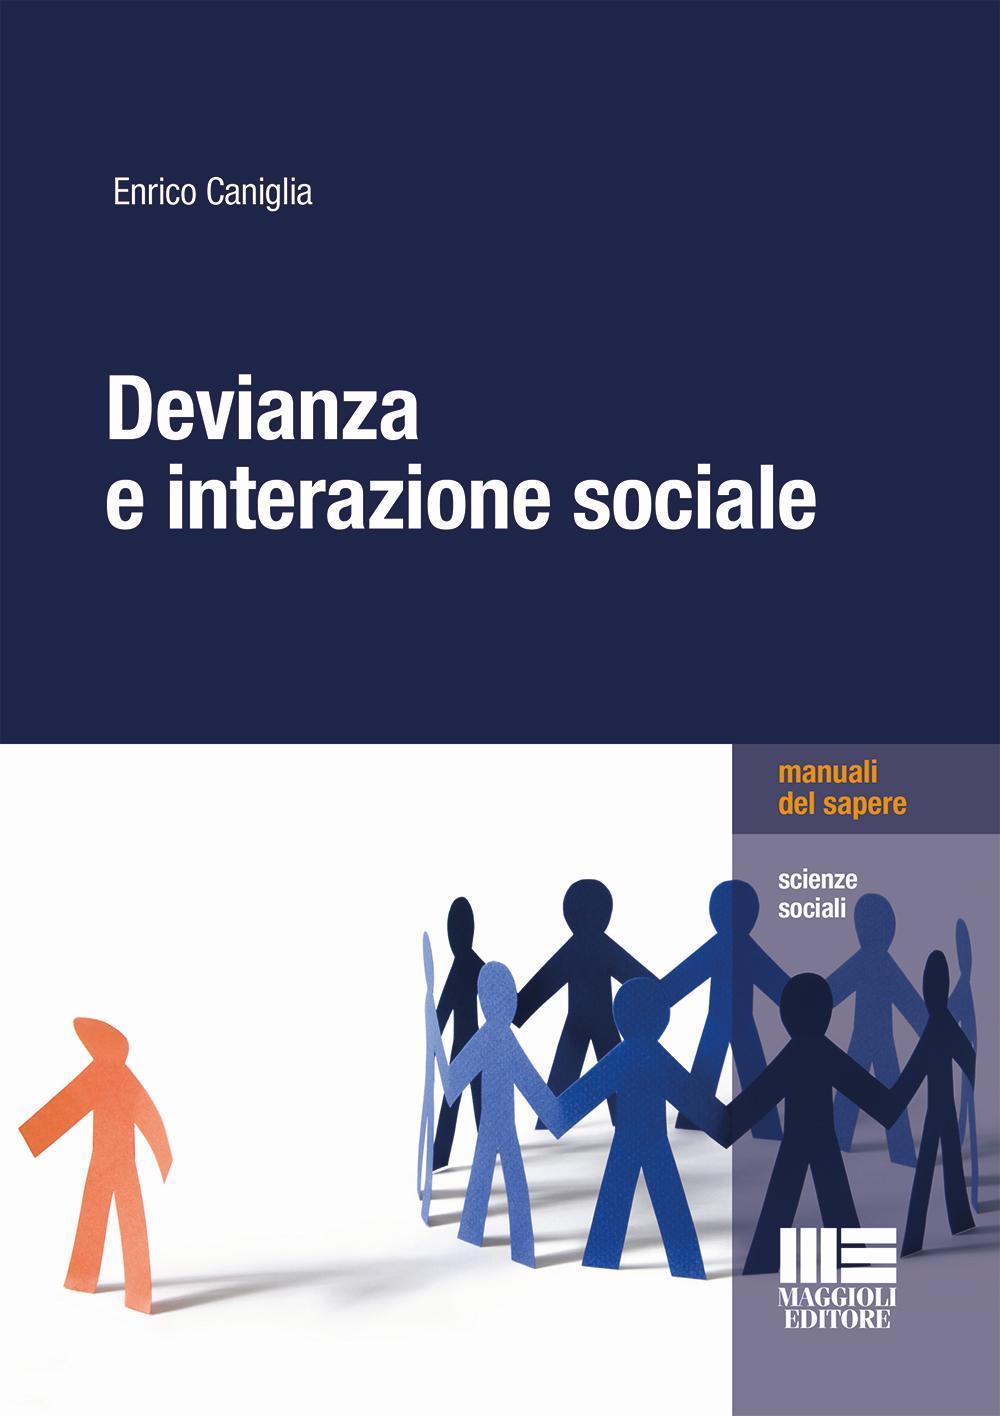 Devianza e interazione sociale